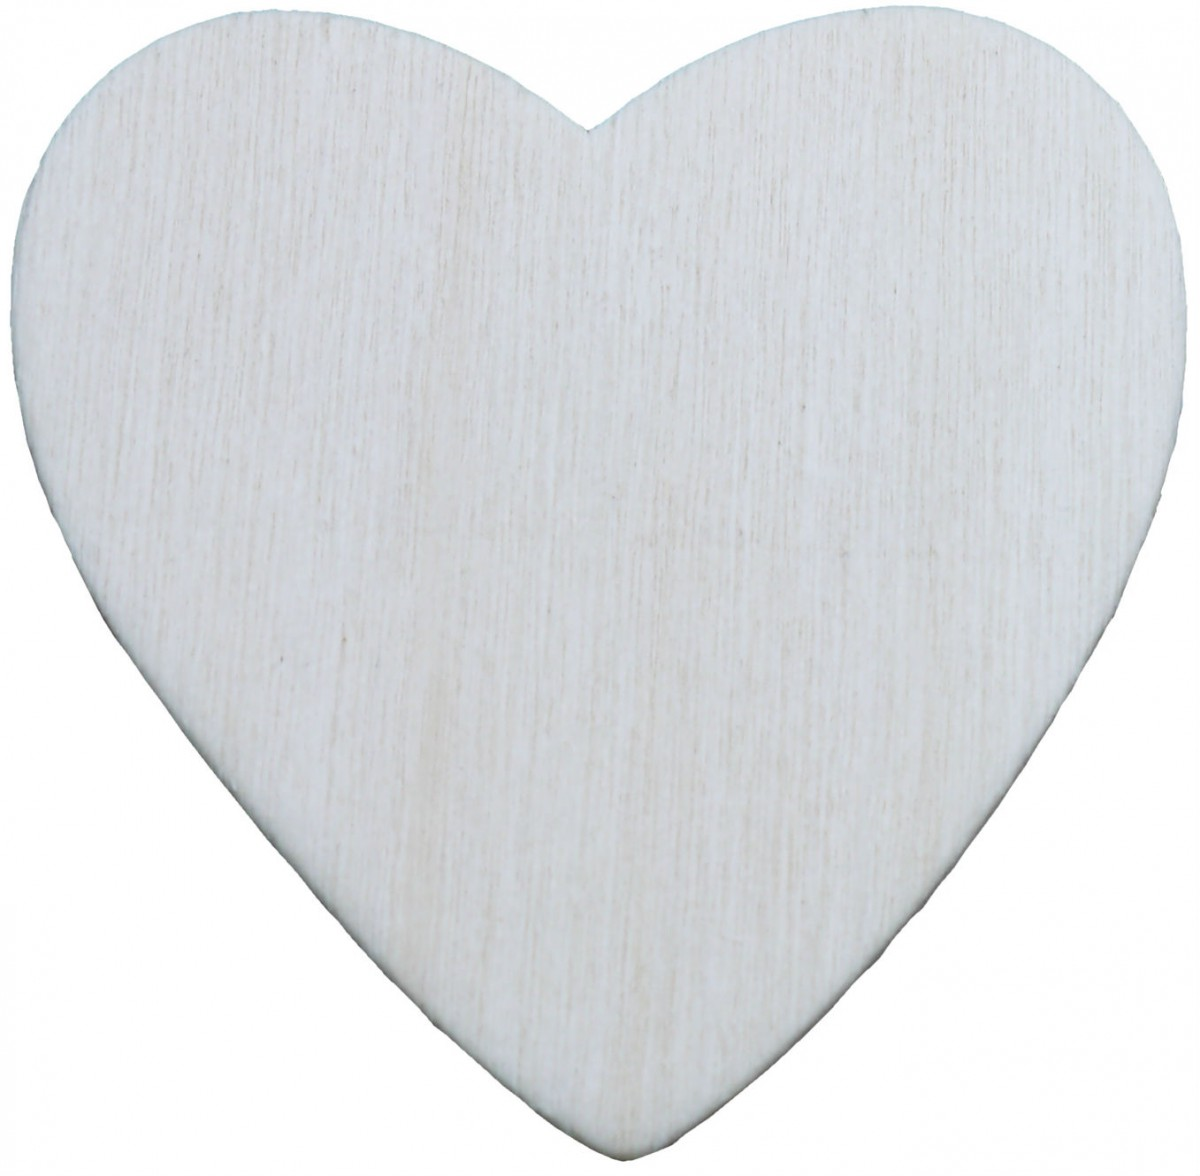 Bilderrahmen Holz Zum Basteln ~ 30 Herzen aus Holz natur 4,2cm  Streu Deko, Tischdeko zum Basteln